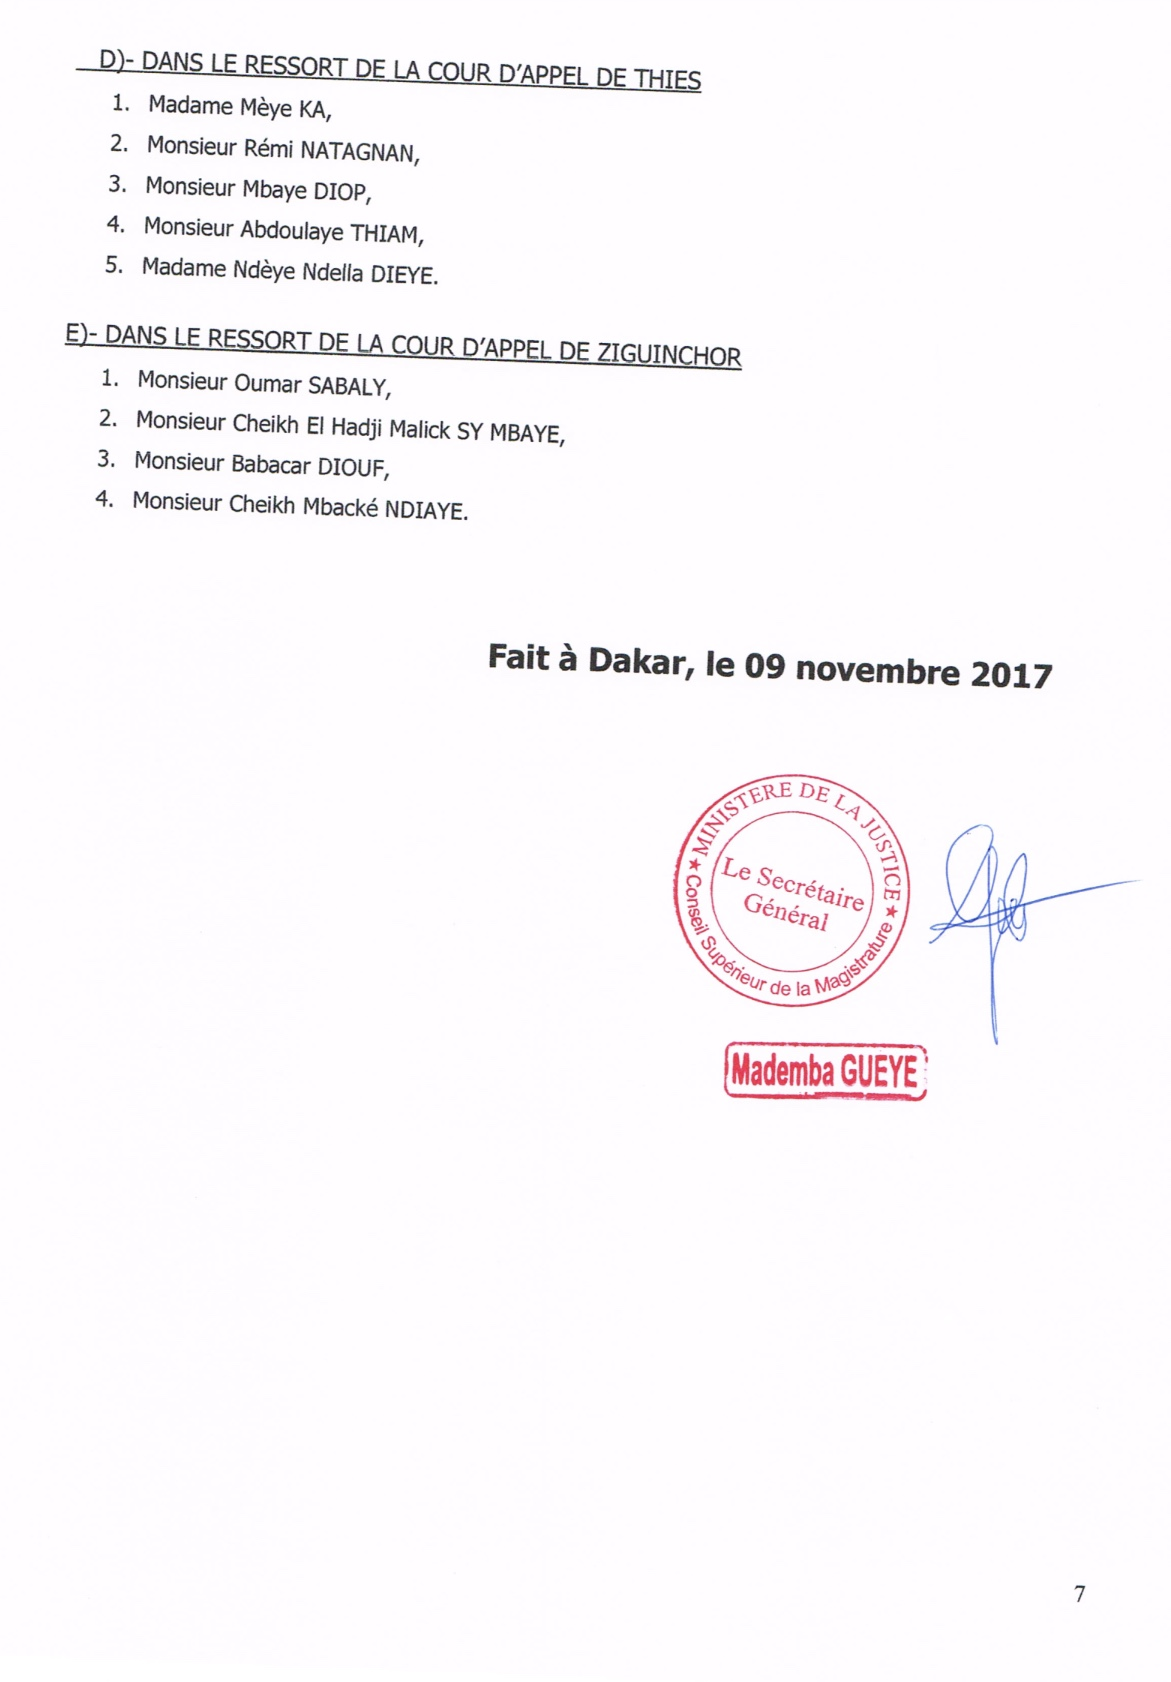 Les mesures prises lors de la réunion du Conseil Supérieur de la Magistrature sous la présidence du Président Macky Sall (DOCUMENTS)